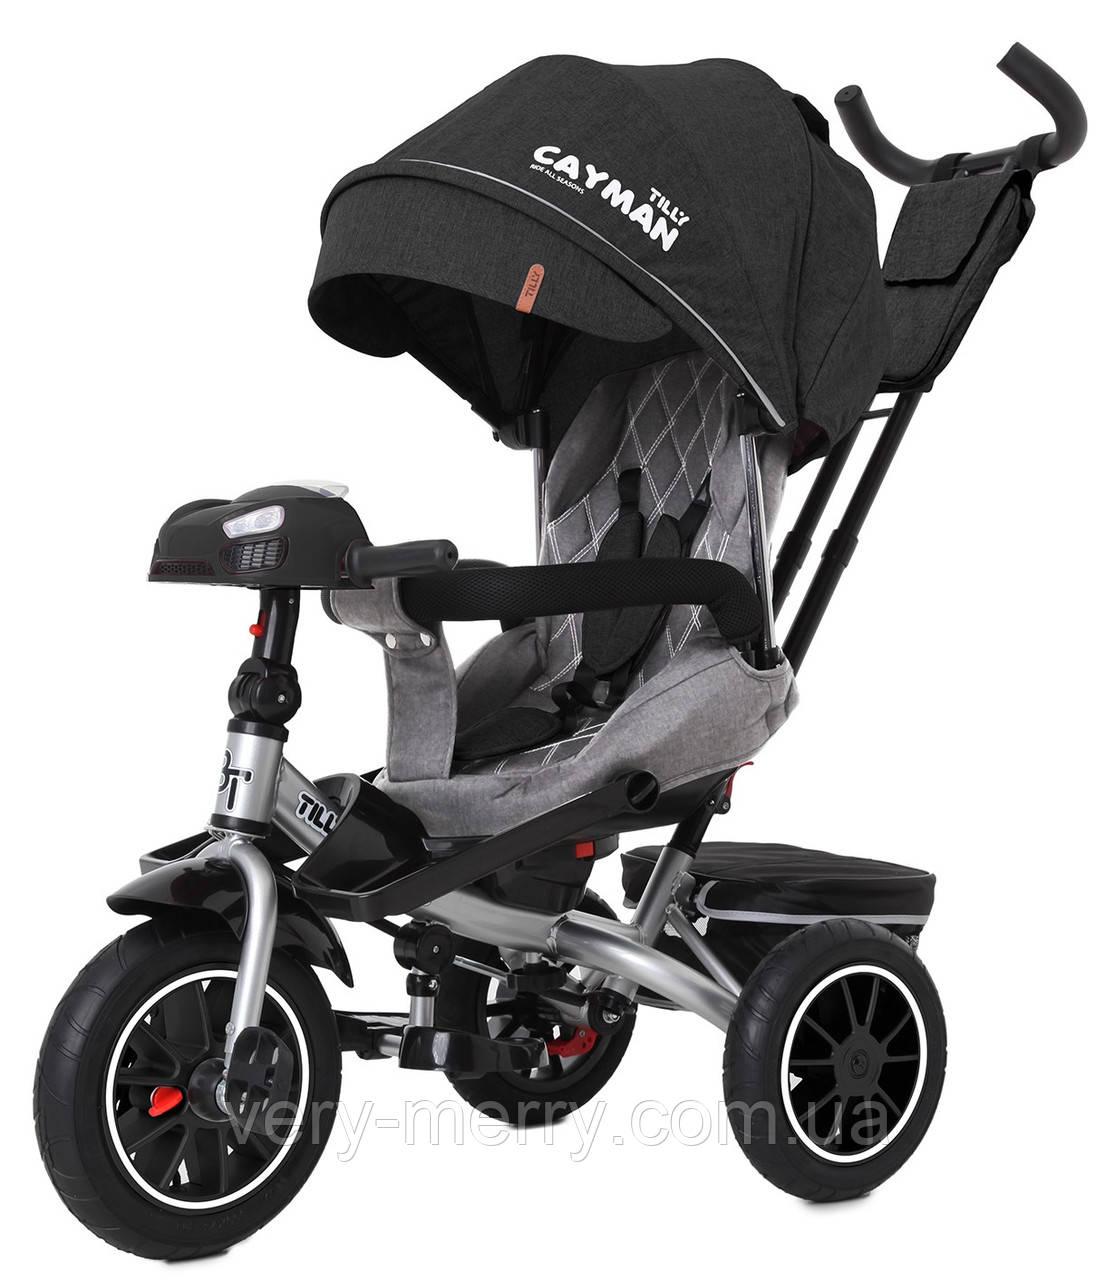 Детский трехколесный велосипед Tilly Cayman (темно-серый цвет) с пультом и усиленной рамой